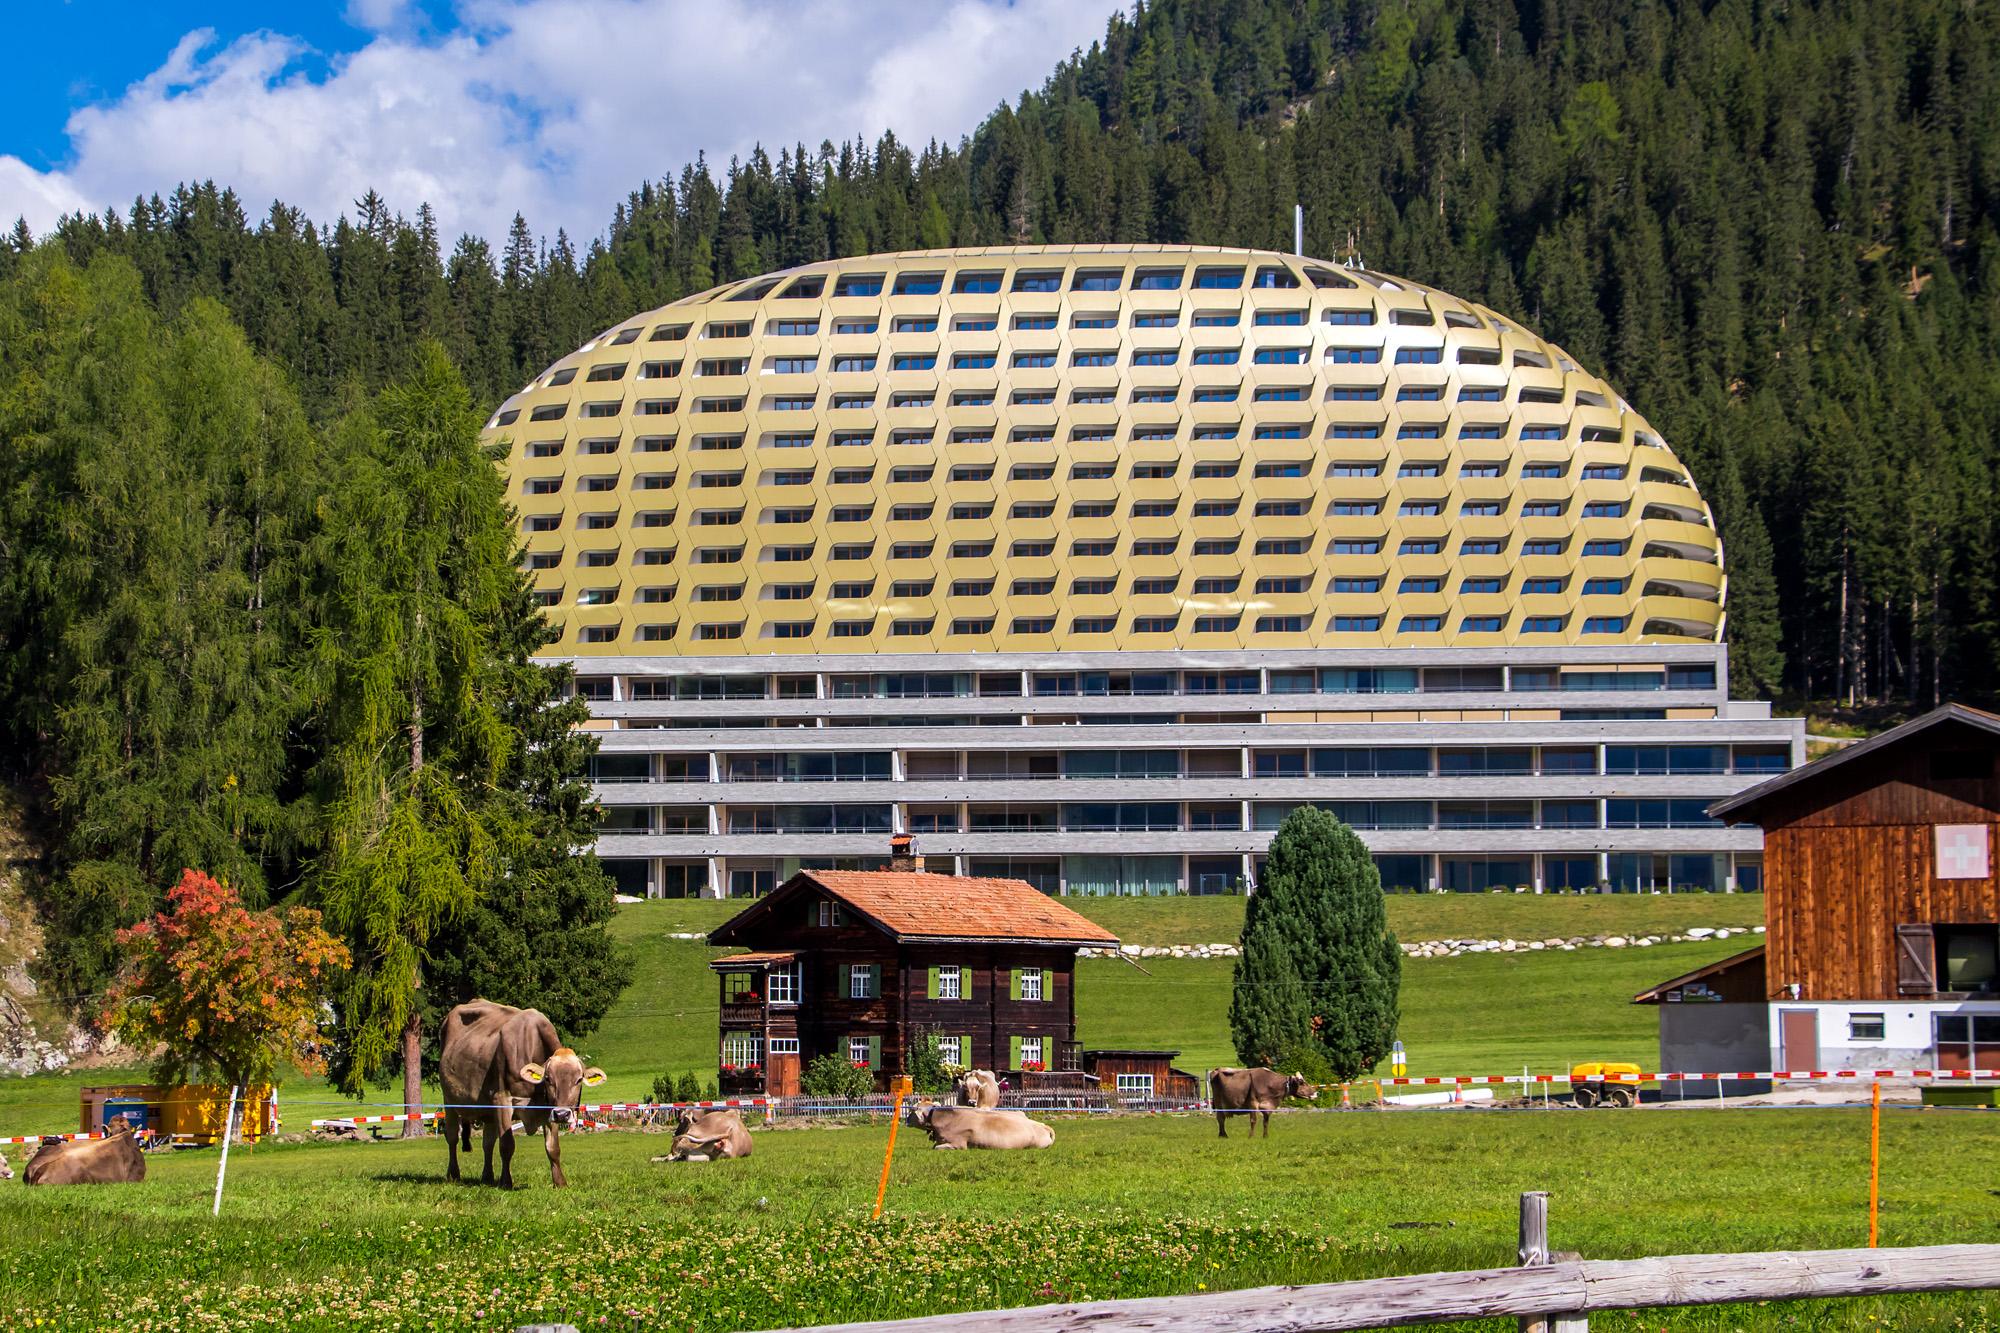 Kontraste zwischen alt und modern in Davos (GR)